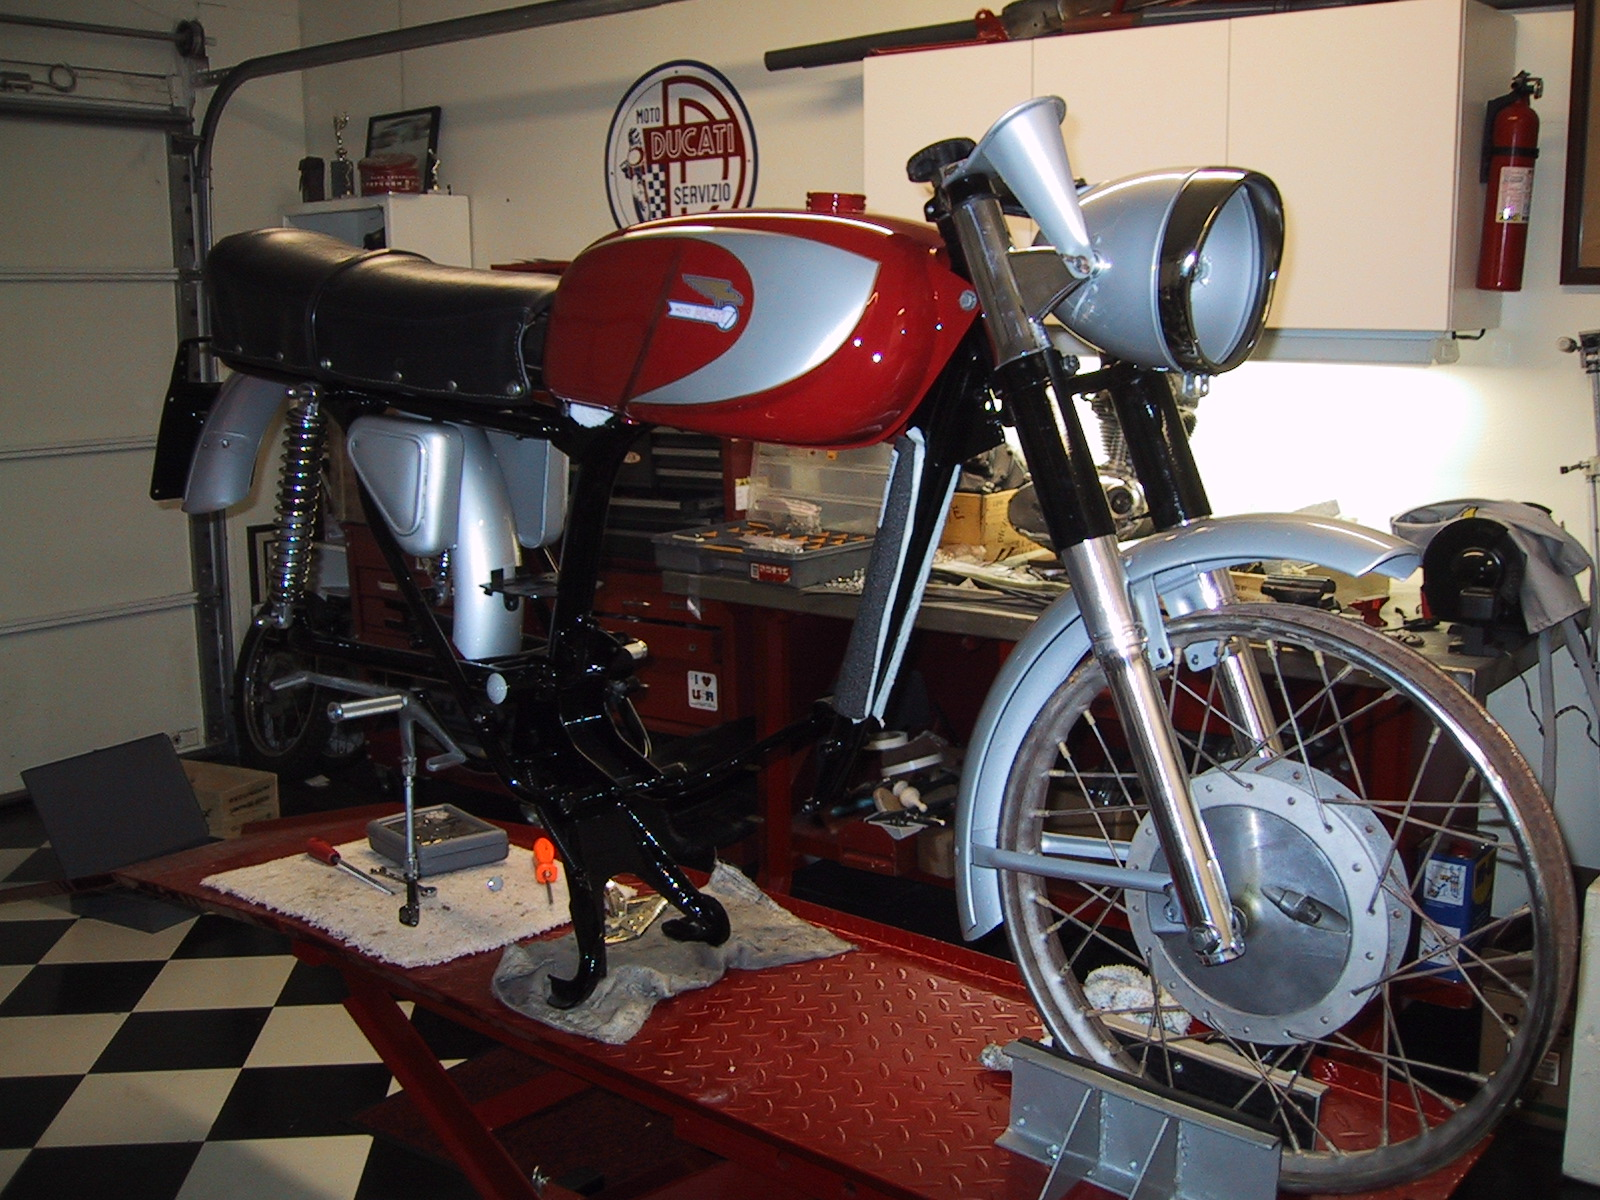 1966 Ducati 250cc Mark 3